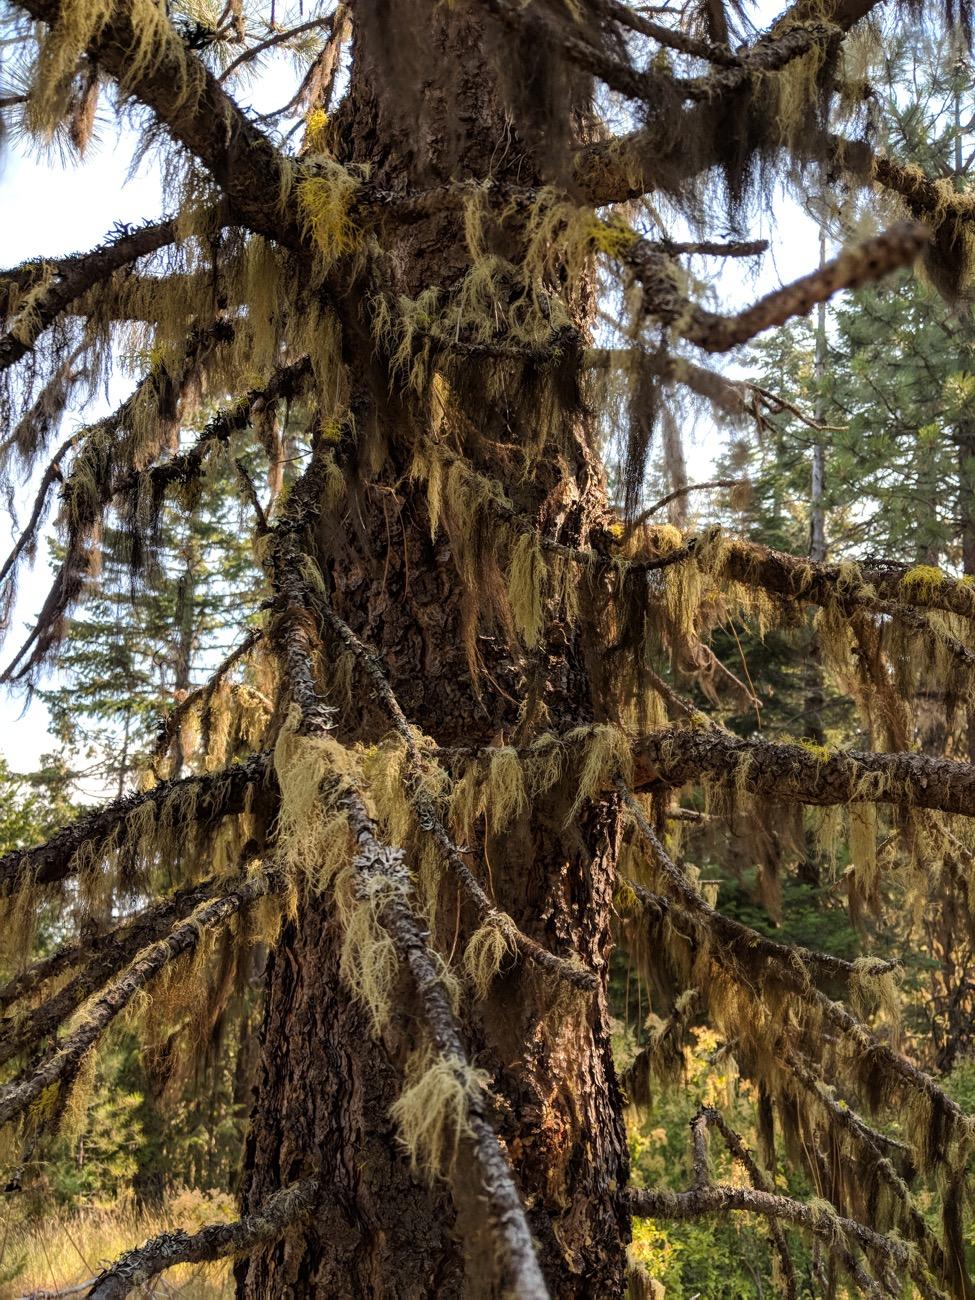 Hair-like lichens